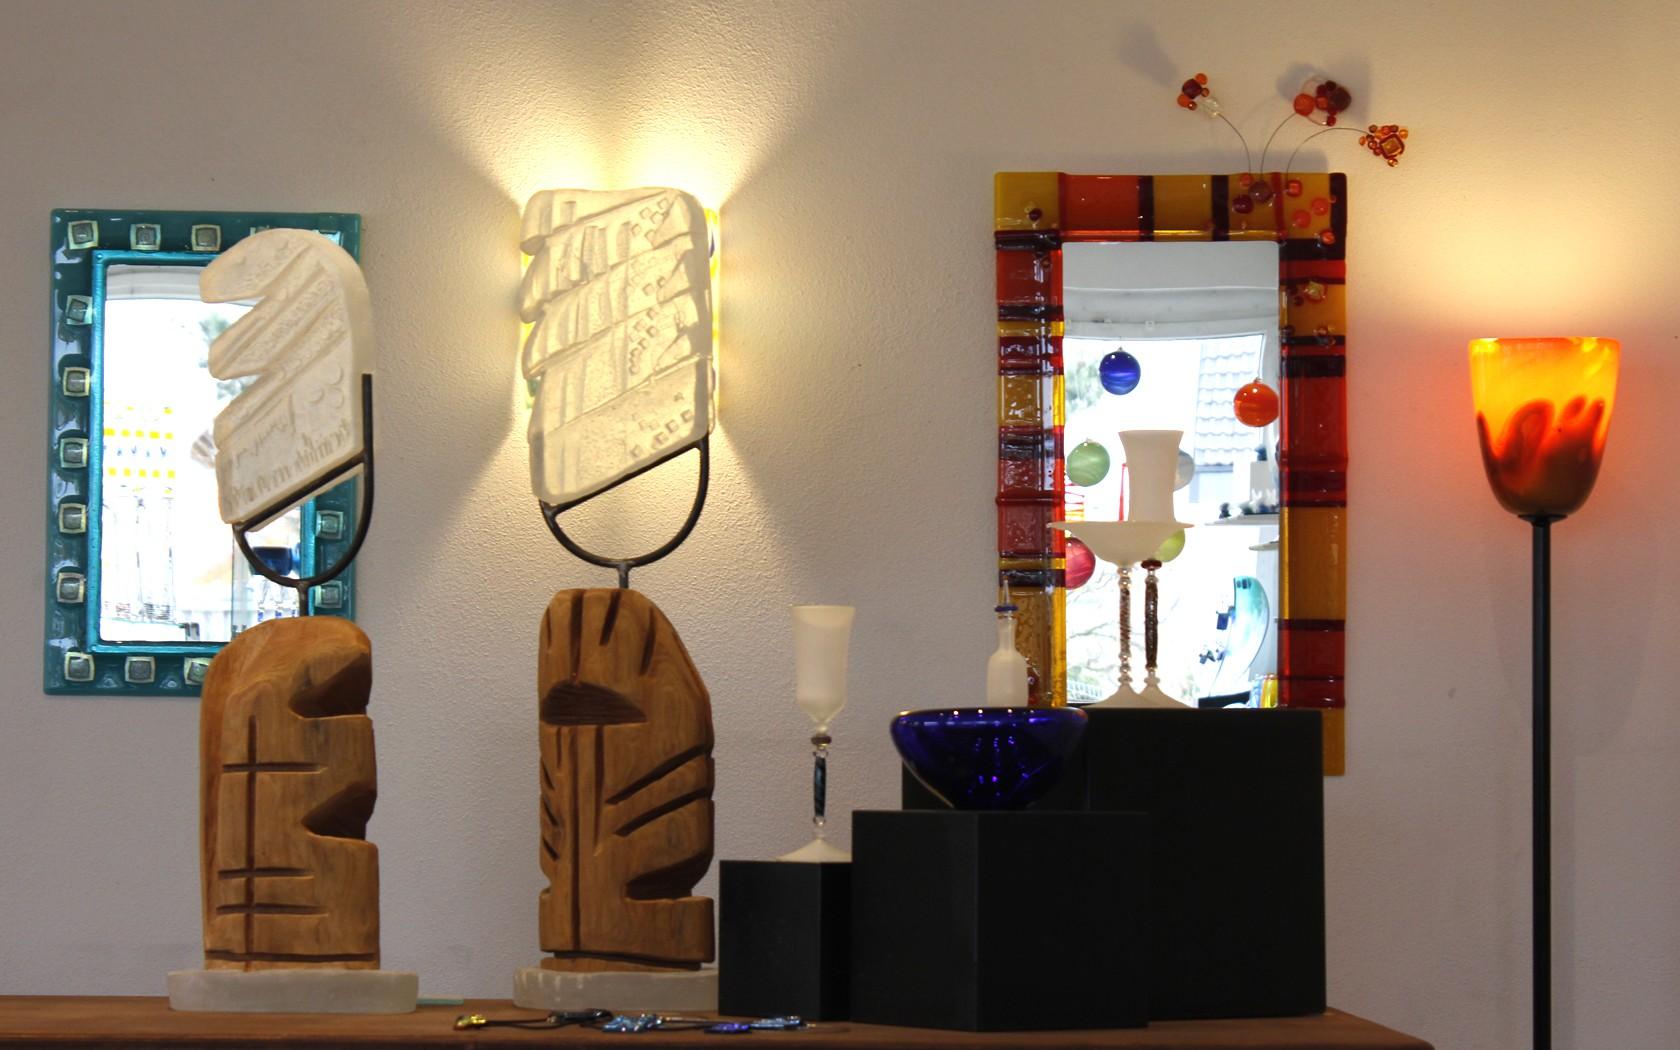 Spiegel, Lampen und Objekte